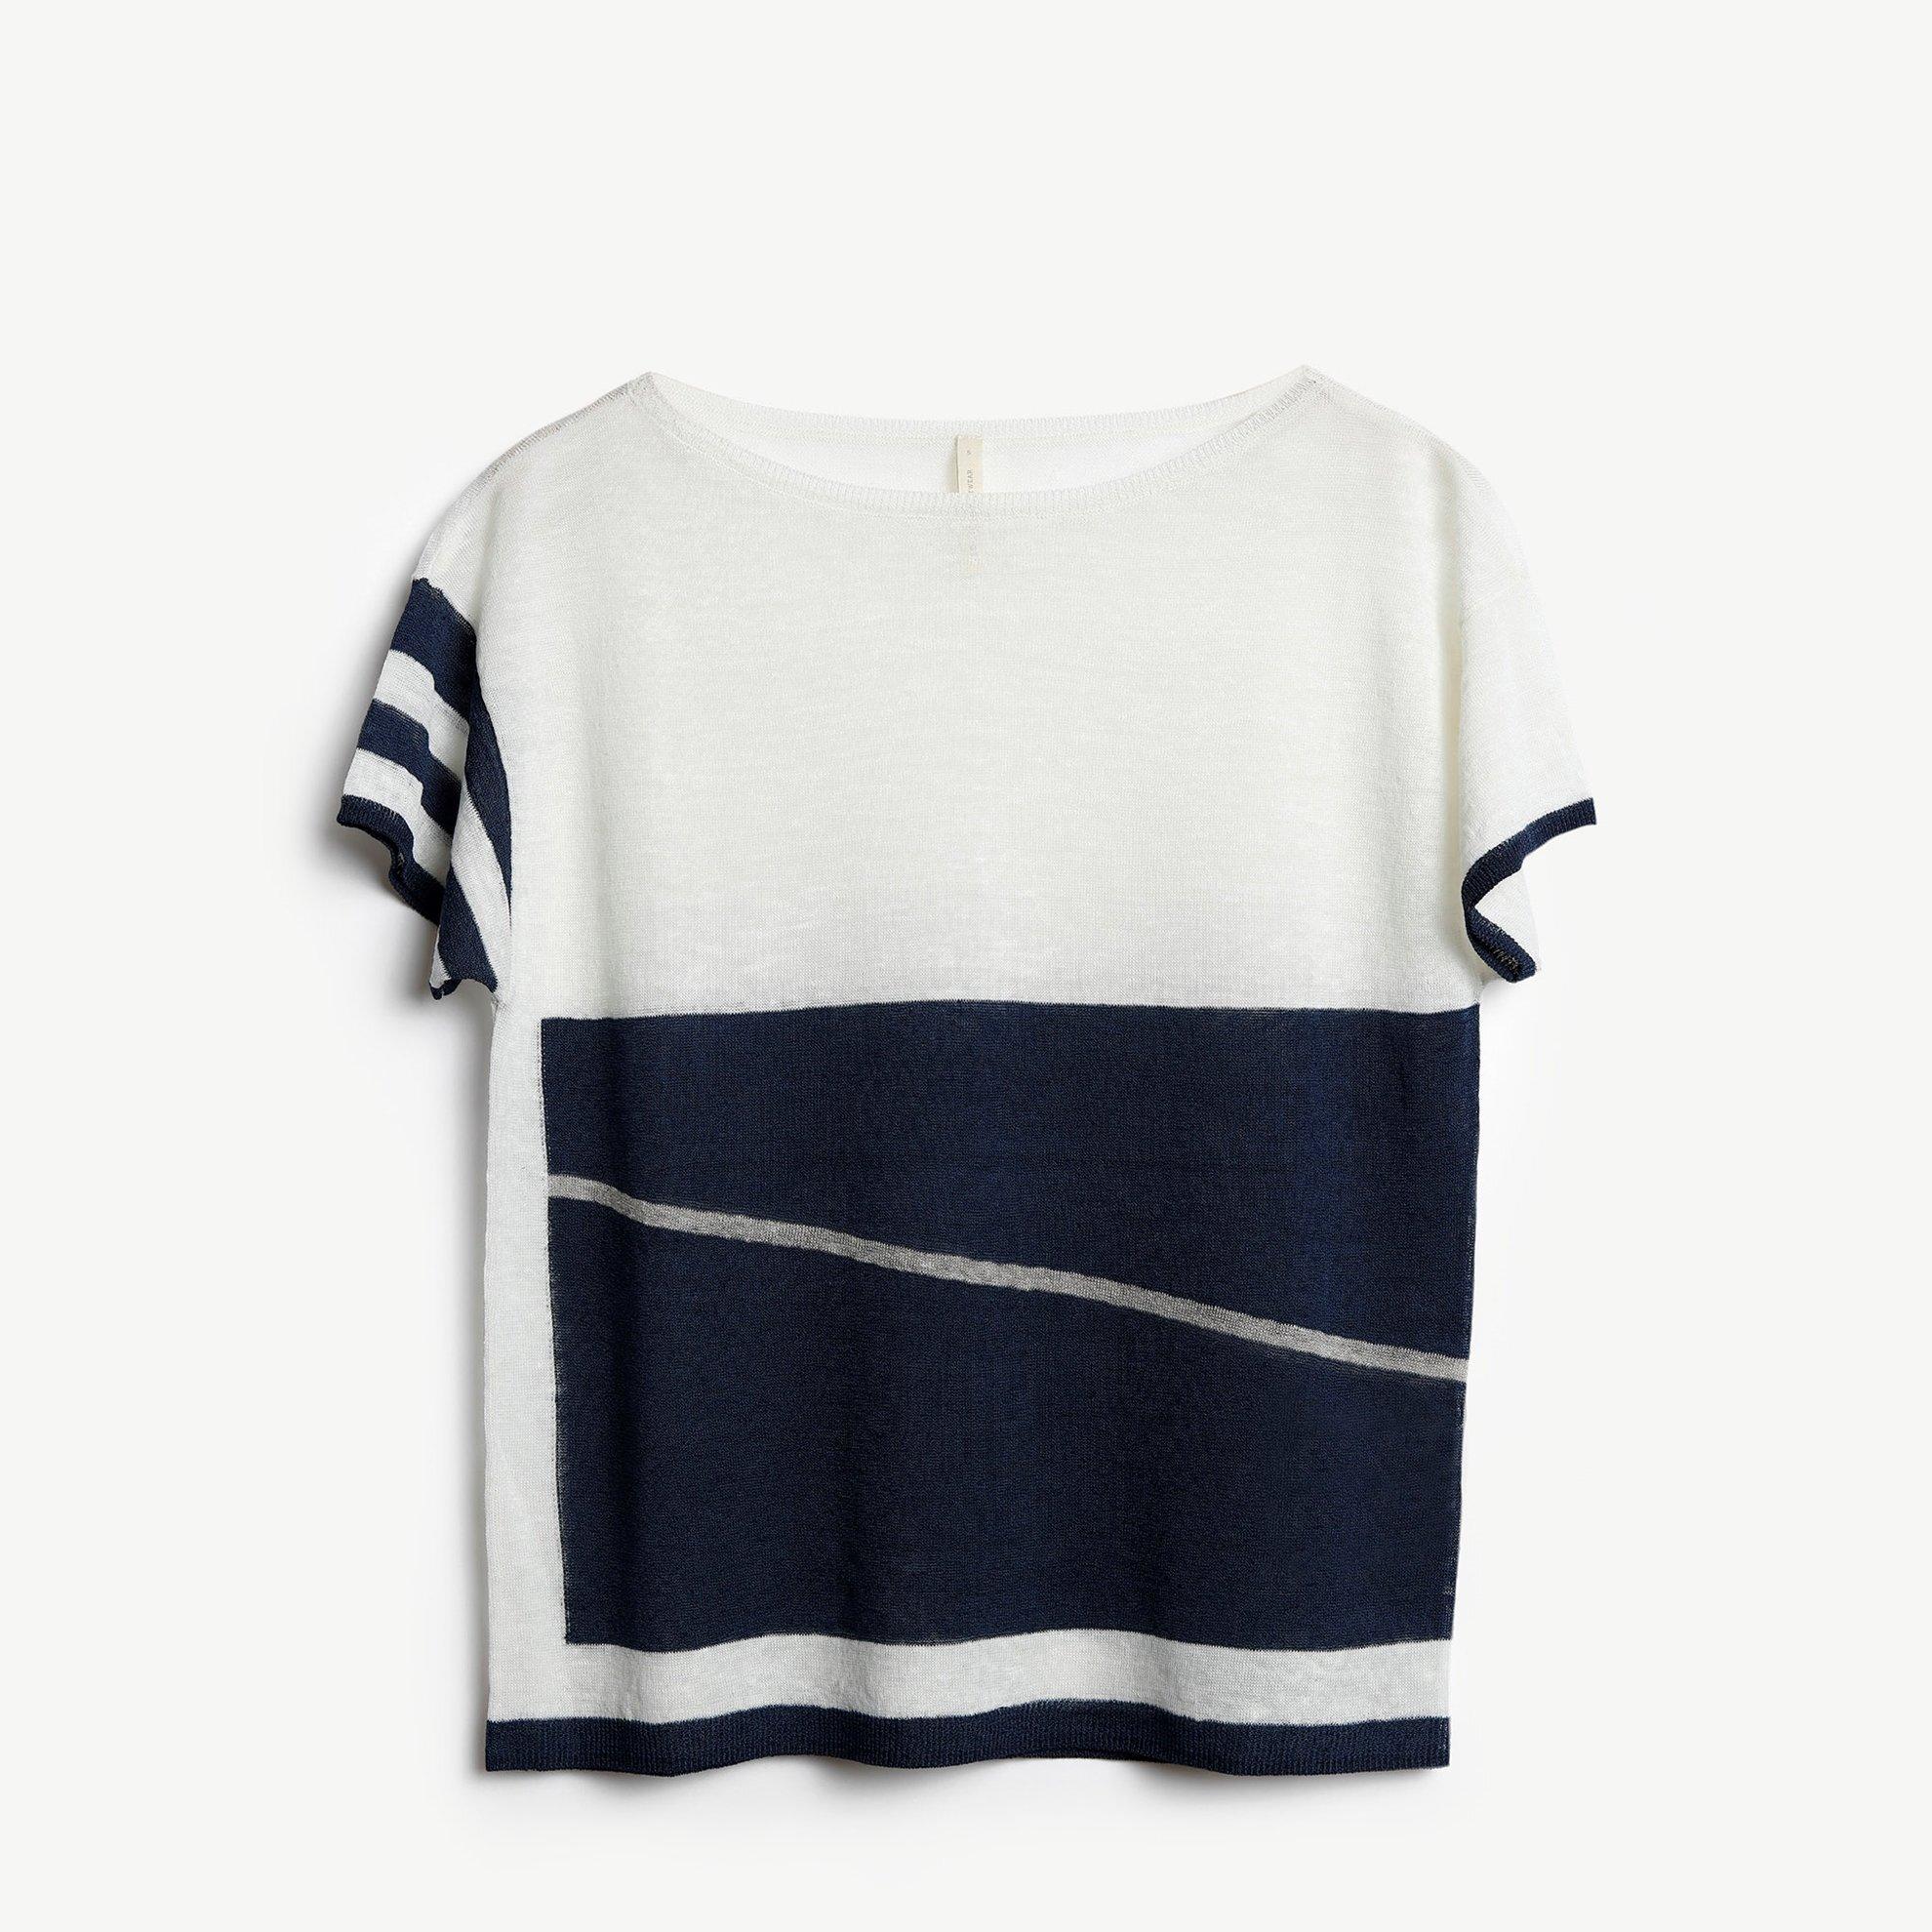 Boat Neck Knitwear